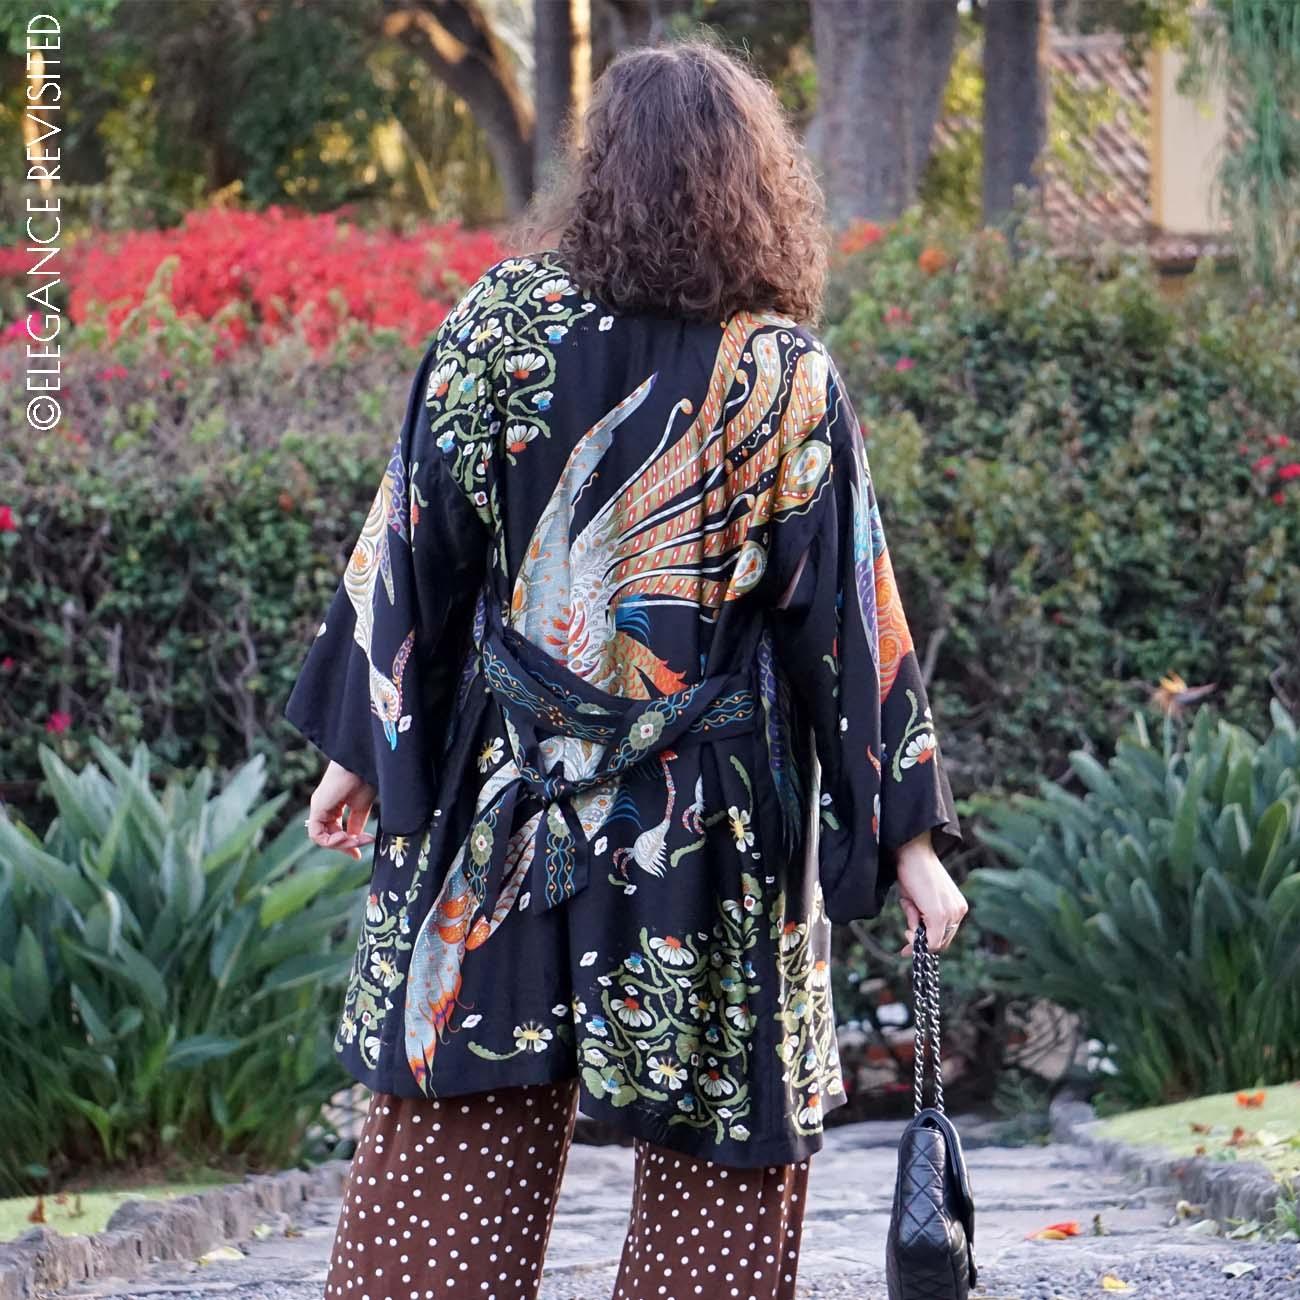 Klaus Haapaniemi kimono